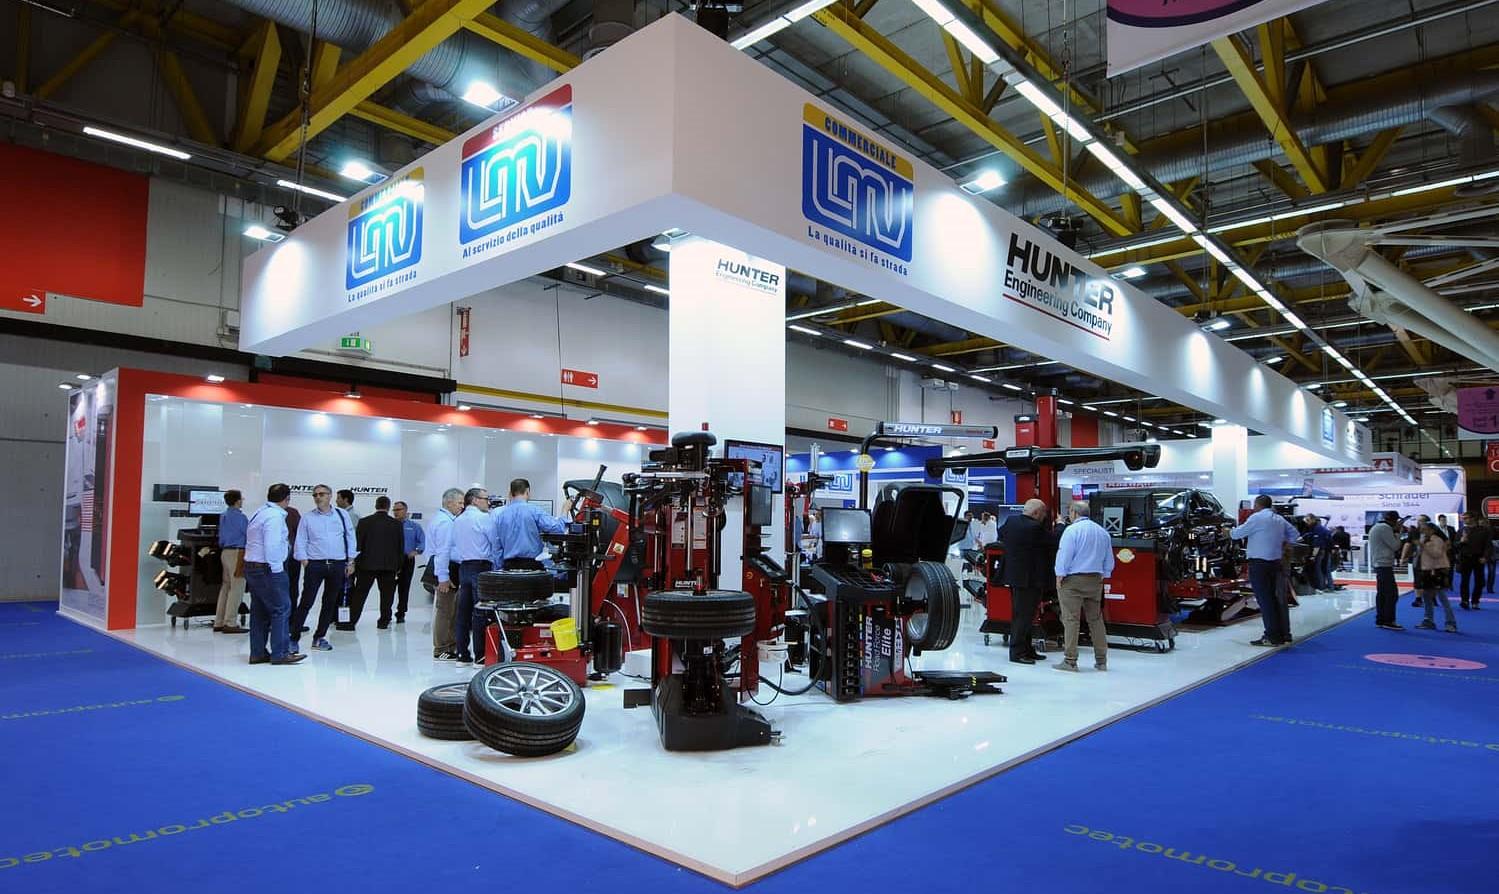 Commerciale LMV - Autopromotec 2019